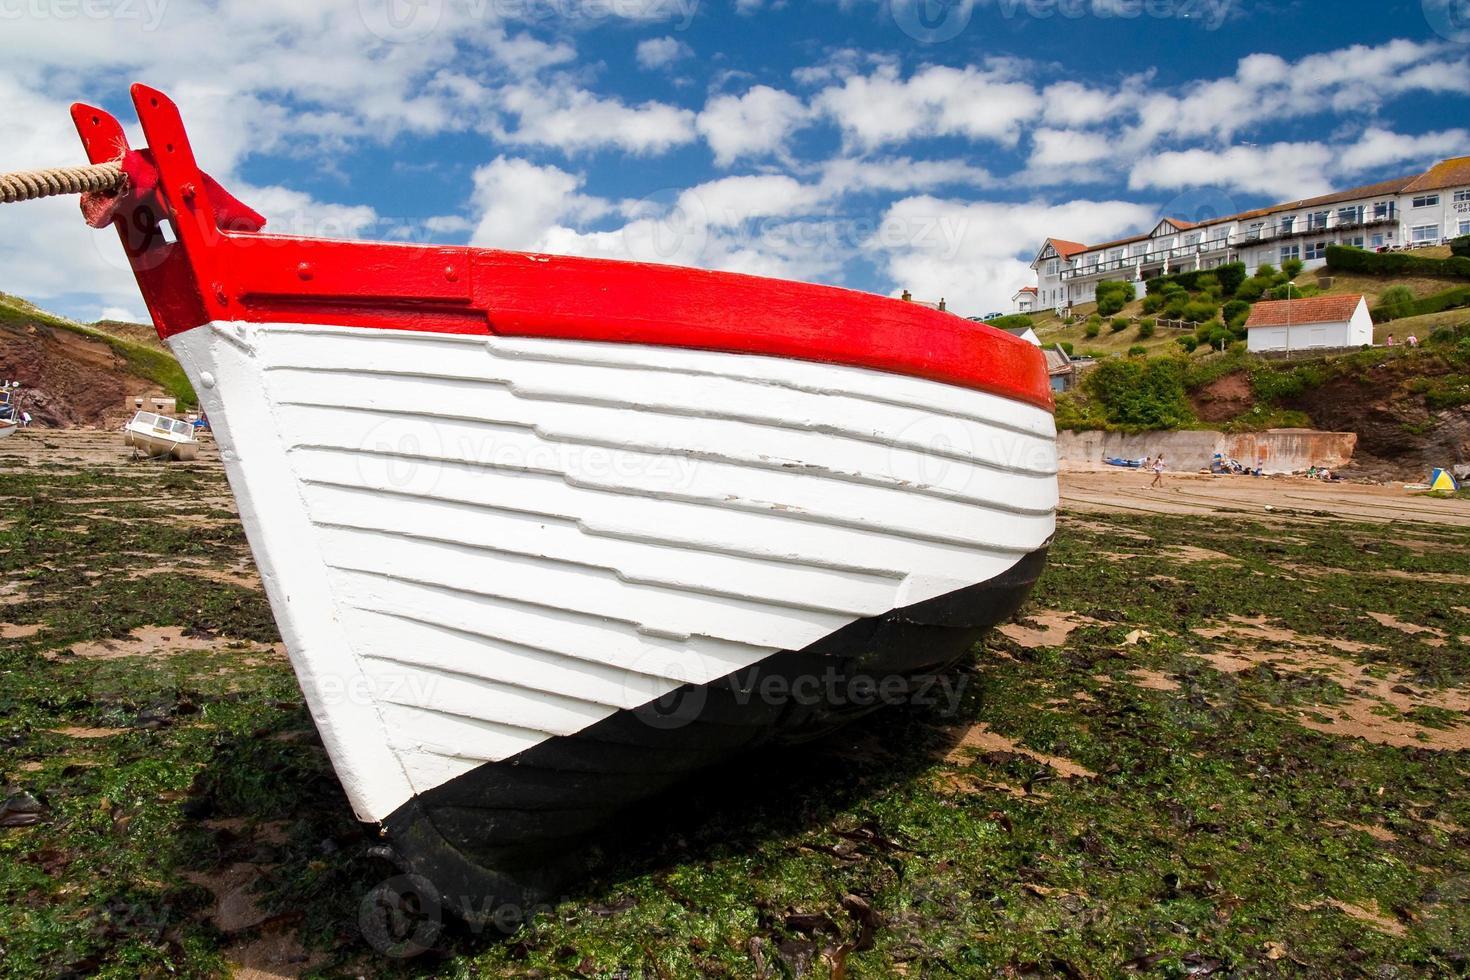 couchette de bateau de pêche à marée basse photo